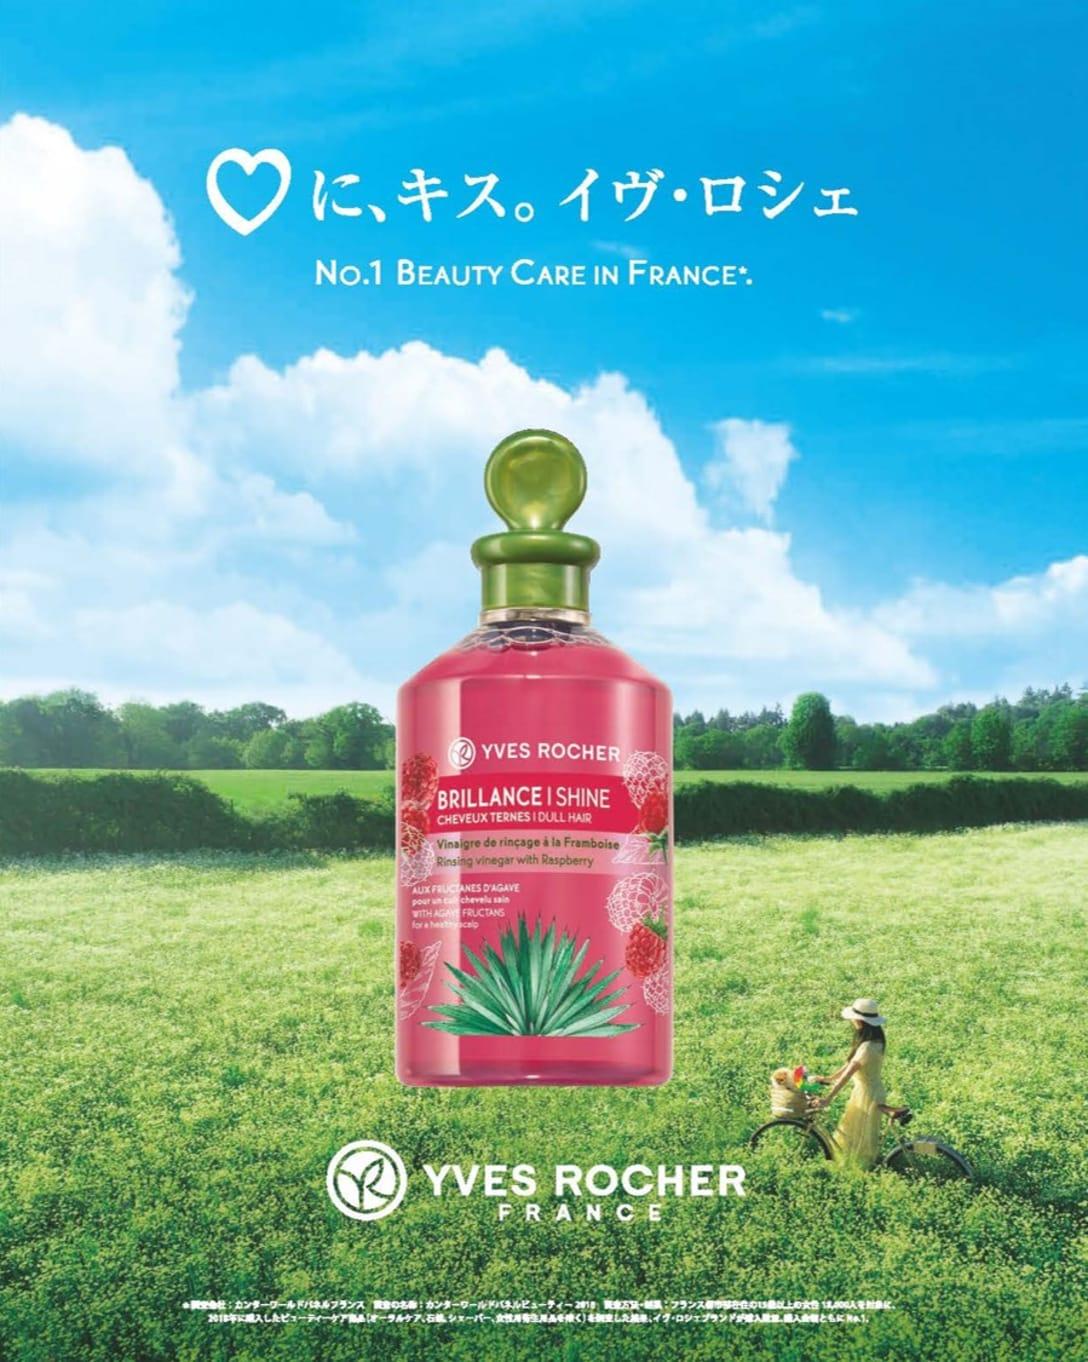 ロシェ イヴ フランスで人気!自然派化粧品ブランド「イヴ・ロシェ」おすすめ商品5選